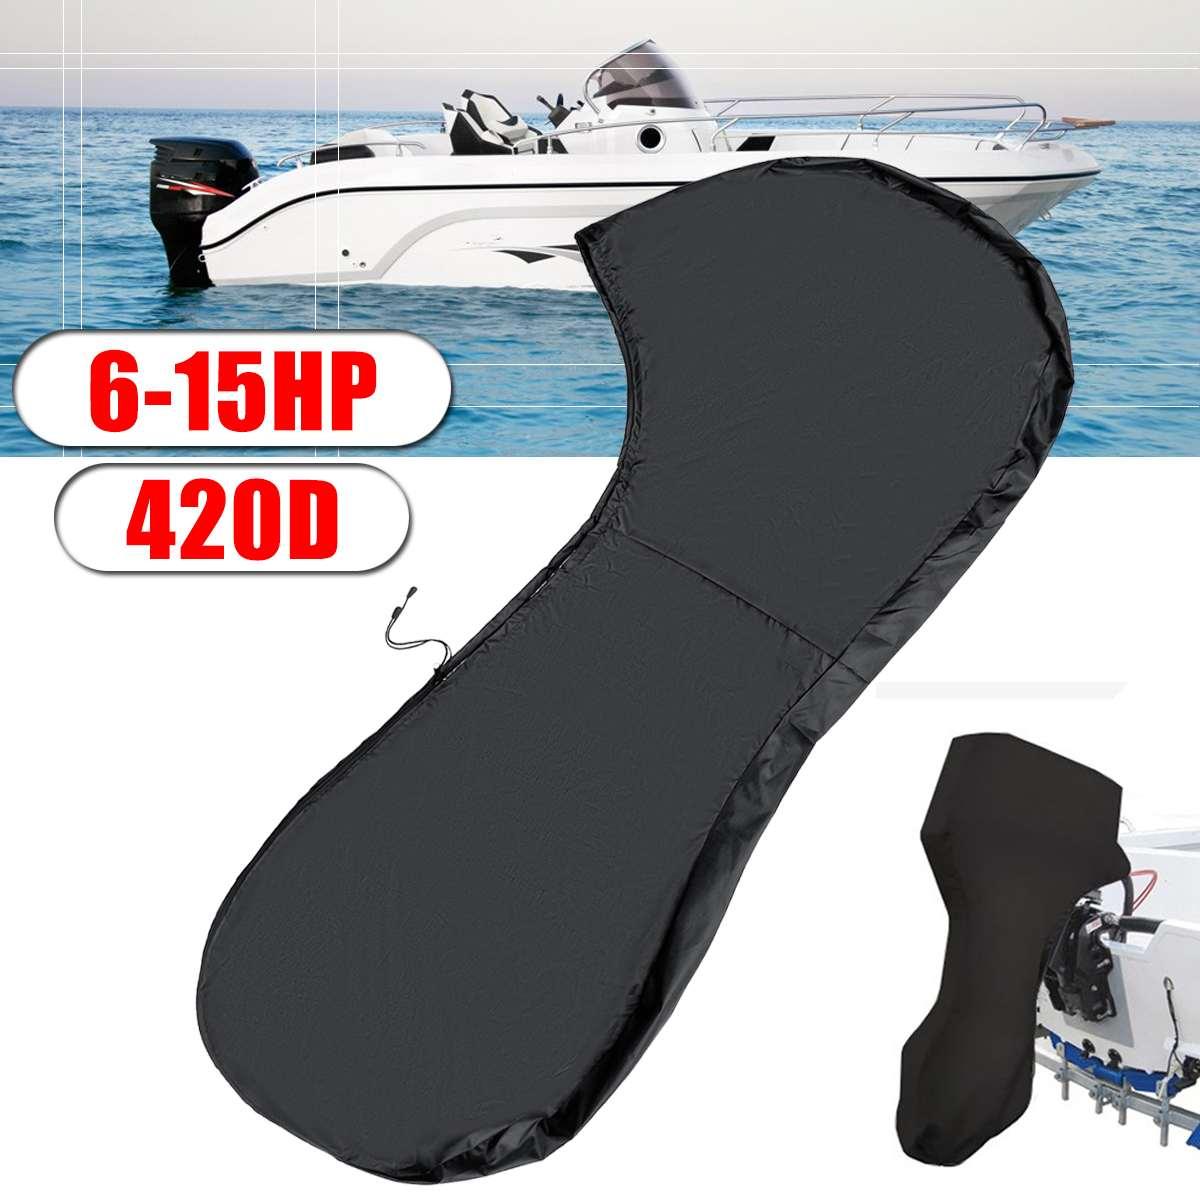 420d 110 Cm Bote Completo Fuera De Borda Motor Cubierta Para 6-15 Hp Barcos Motores A Prueba De Agua Preparando Todo El Sistema Y FortaleciéNdolo